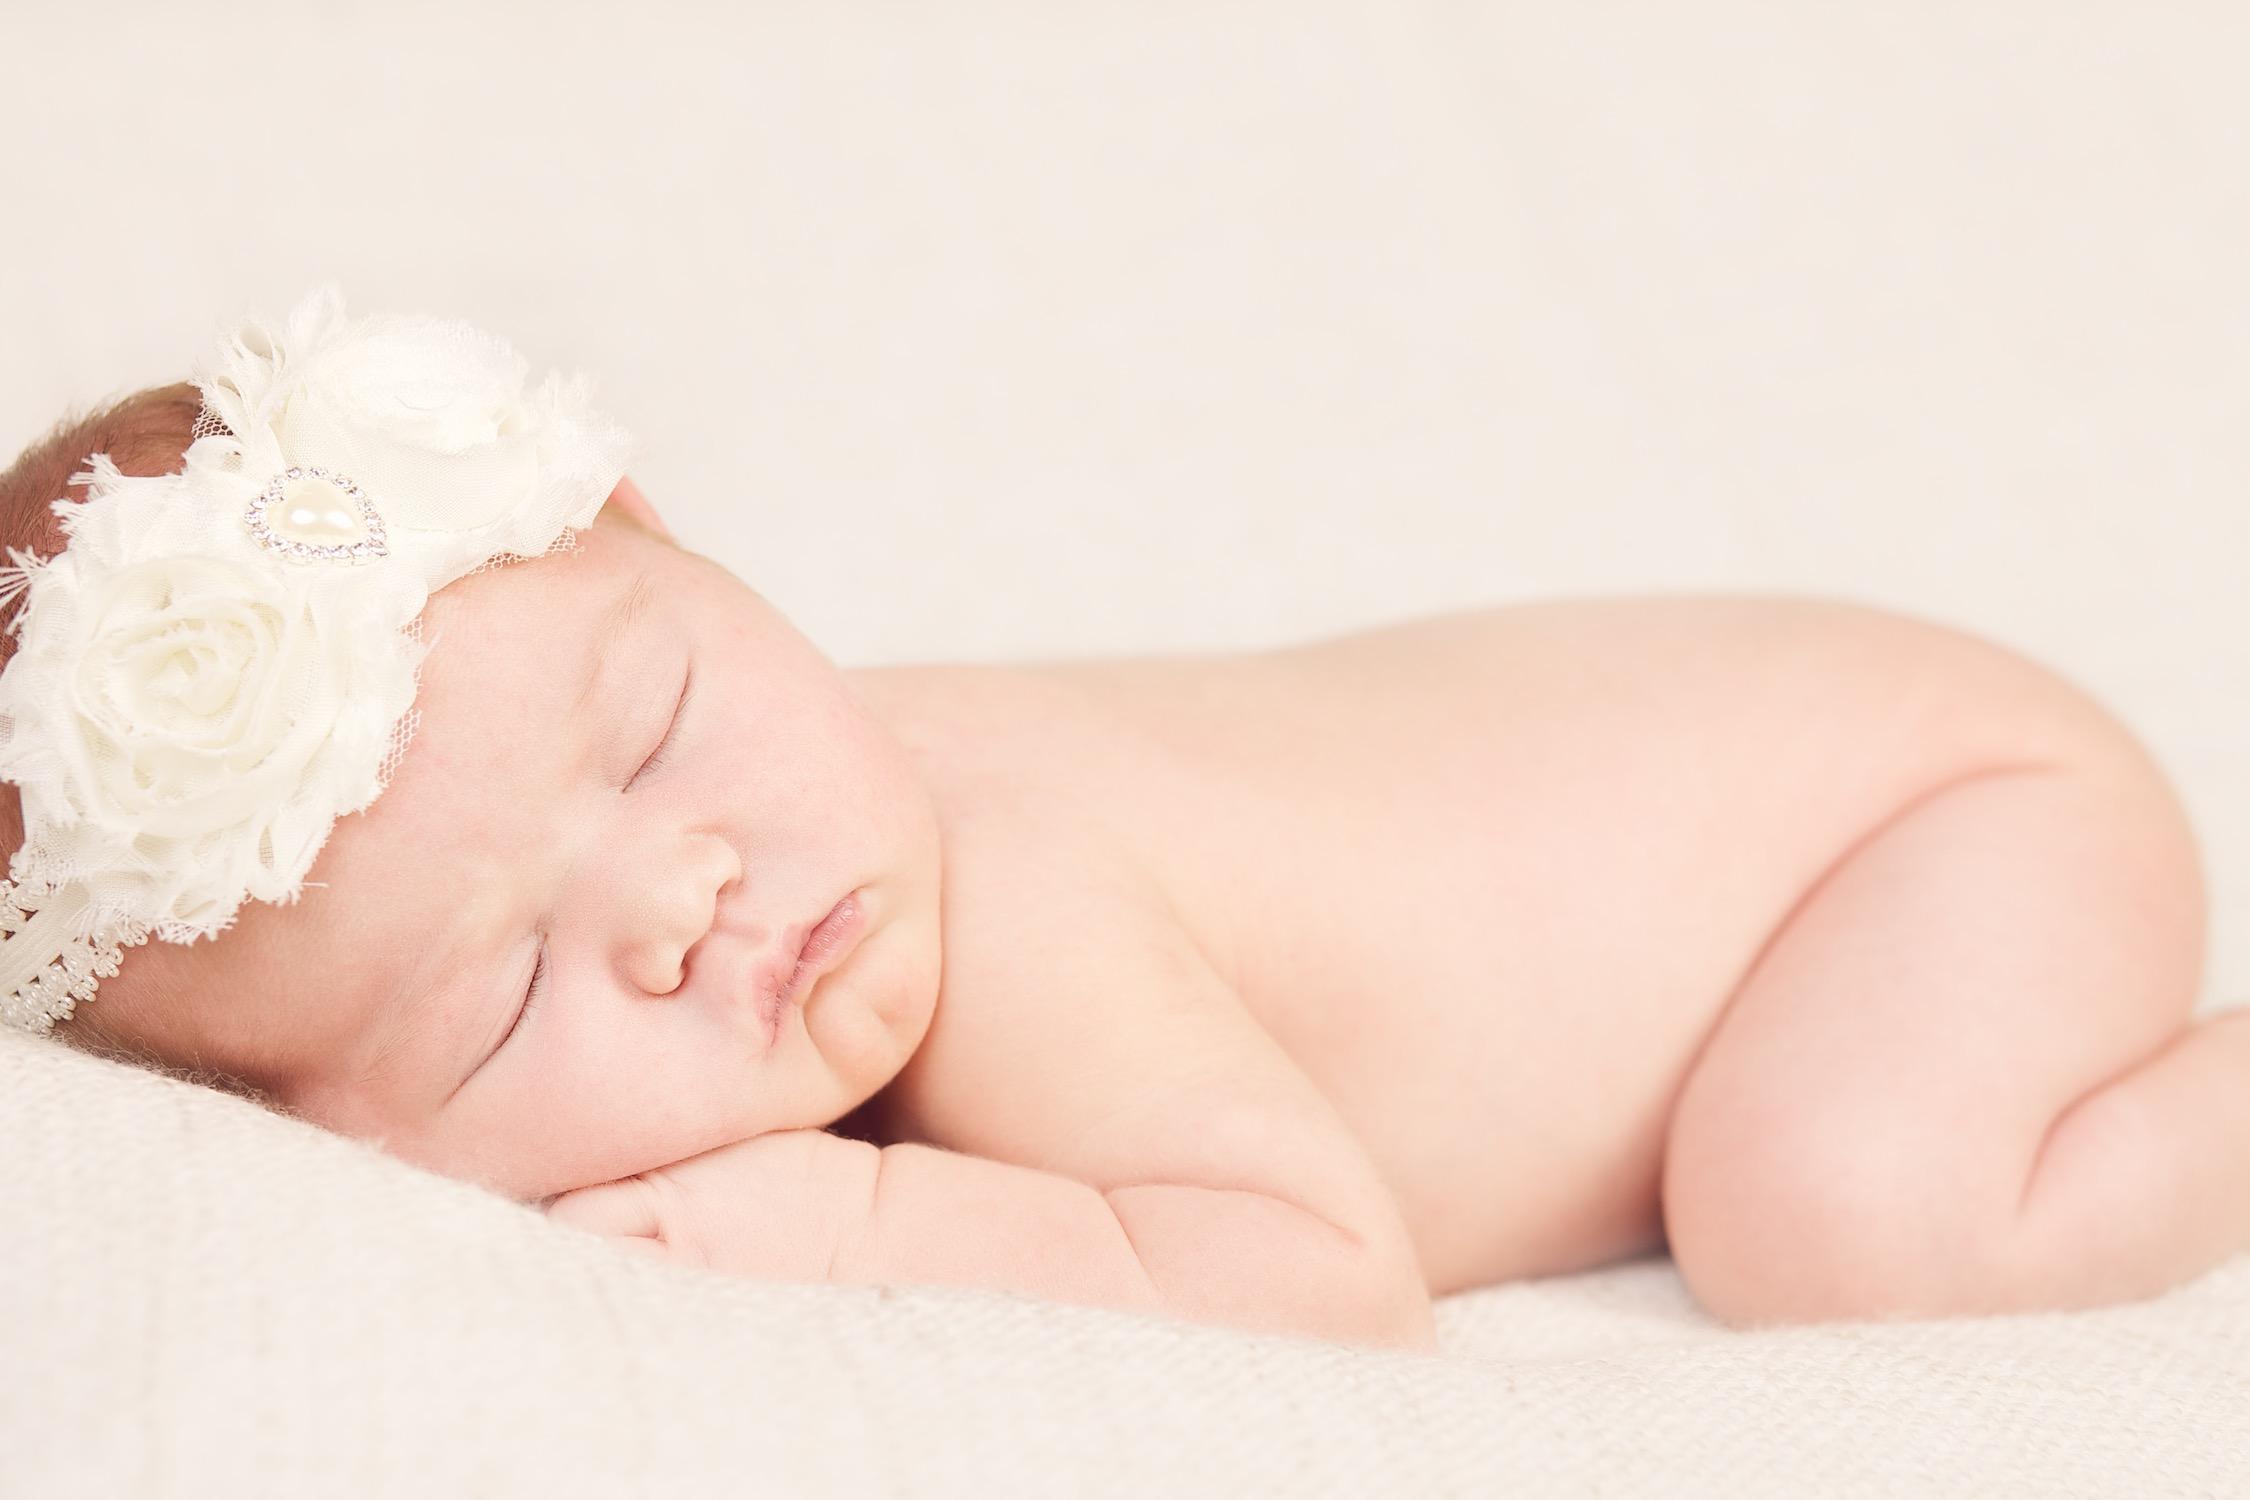 nyfødt-nyfødtfotograf-nyfødtfotografering-fotograf-hodnedesign-pål-hodne 5.jpg